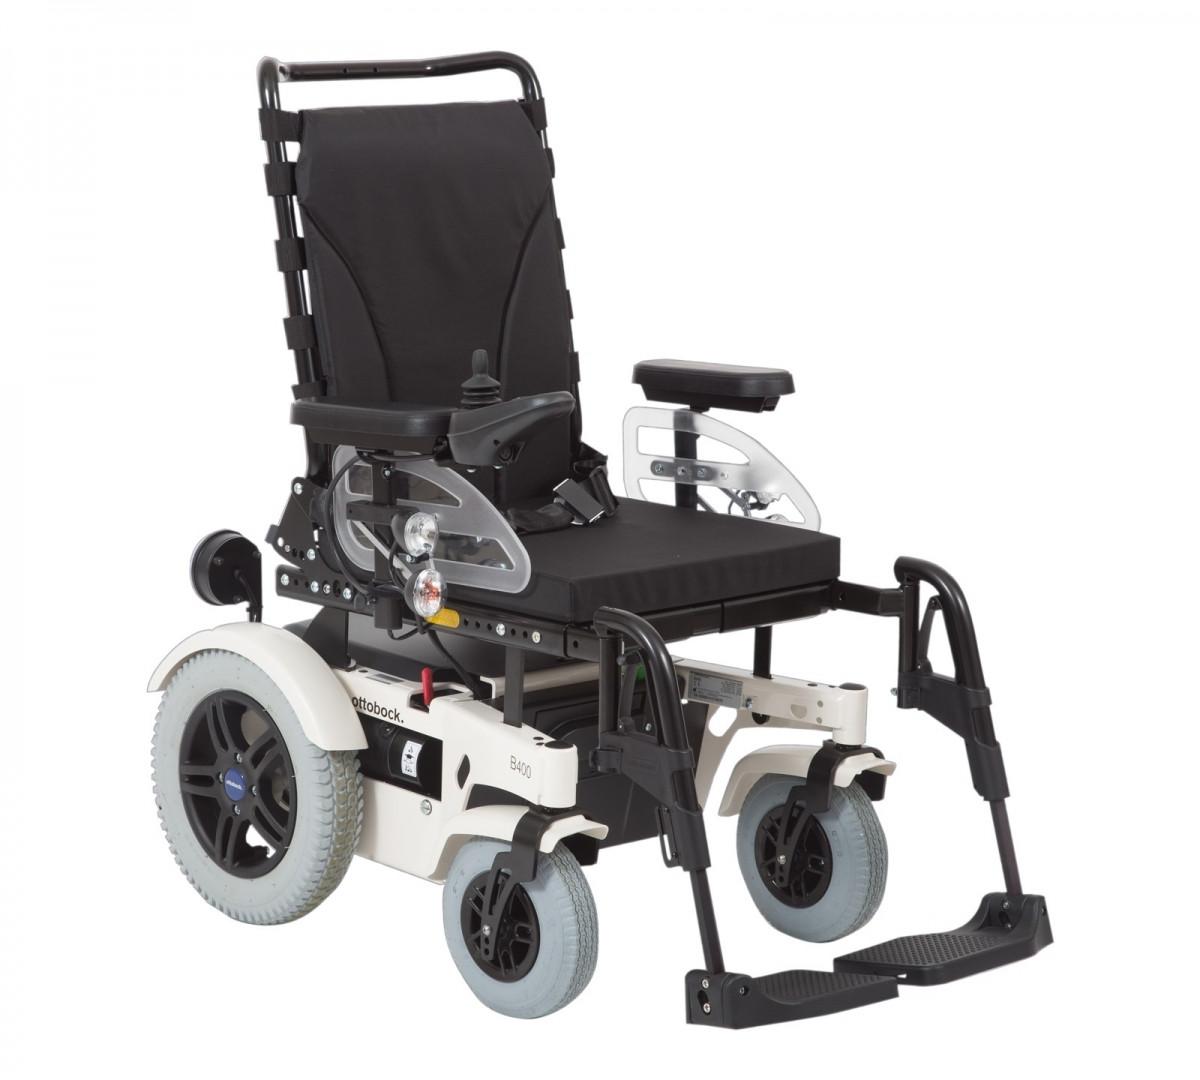 Інвалідна Електро Коляска Otto Bock з електроприводом B400 Ортопедична подушка для коляски в ПОДАРУНОК.